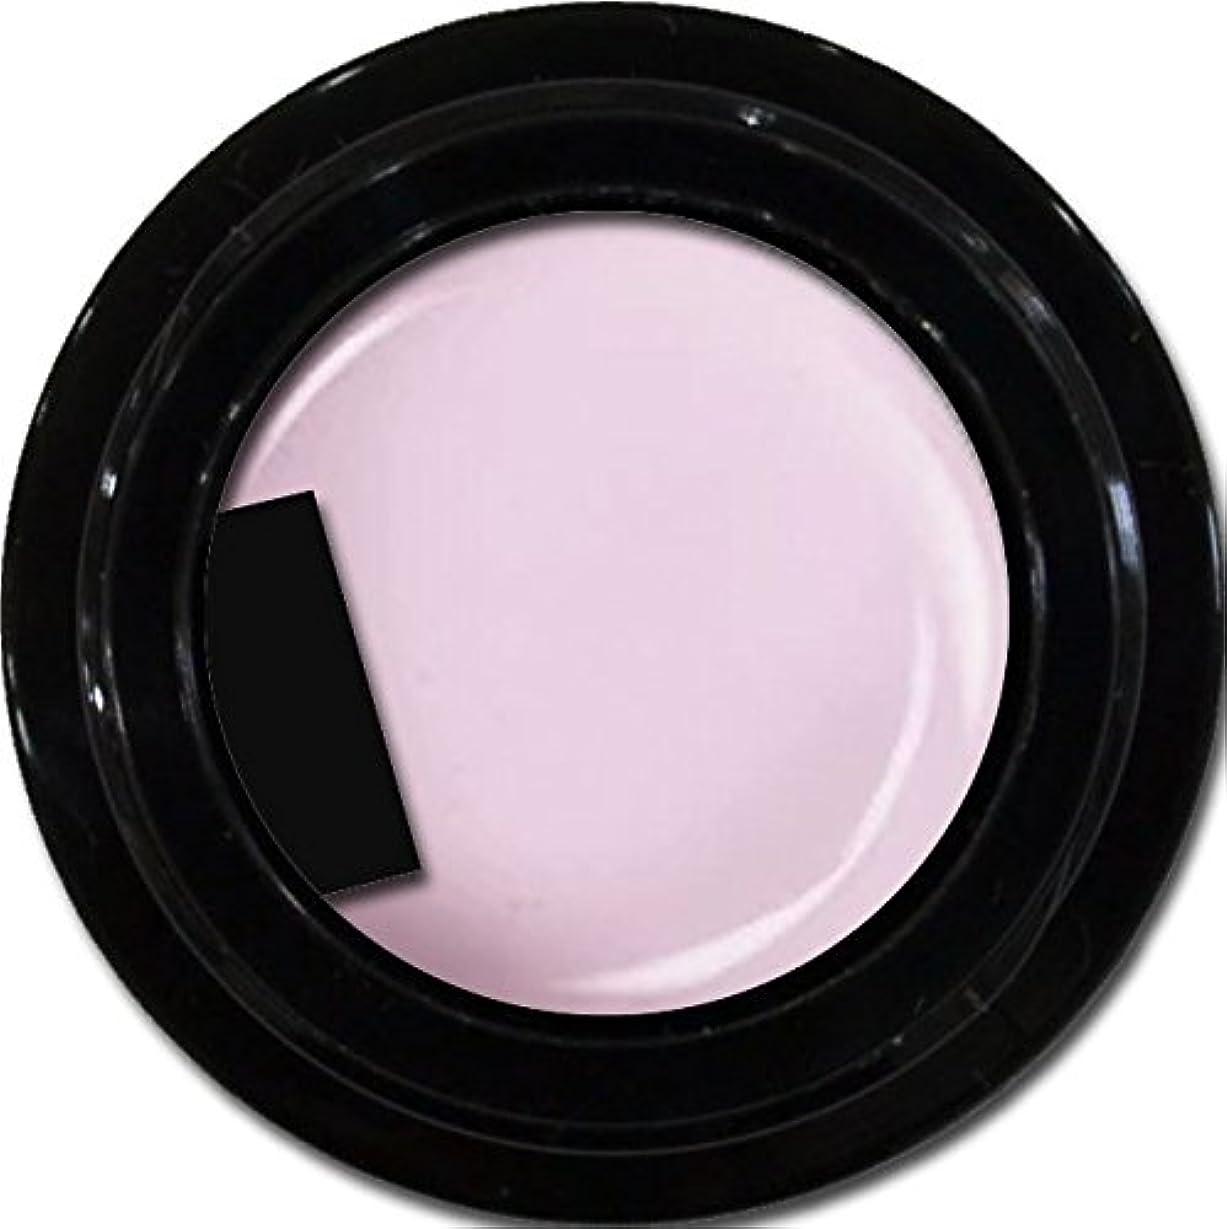 バーガー暴徒言い直すカラージェル enchant color gel M501 ChiffonLavender 3g/ マットカラージェル M501 シフォンラベンダー 3グラム